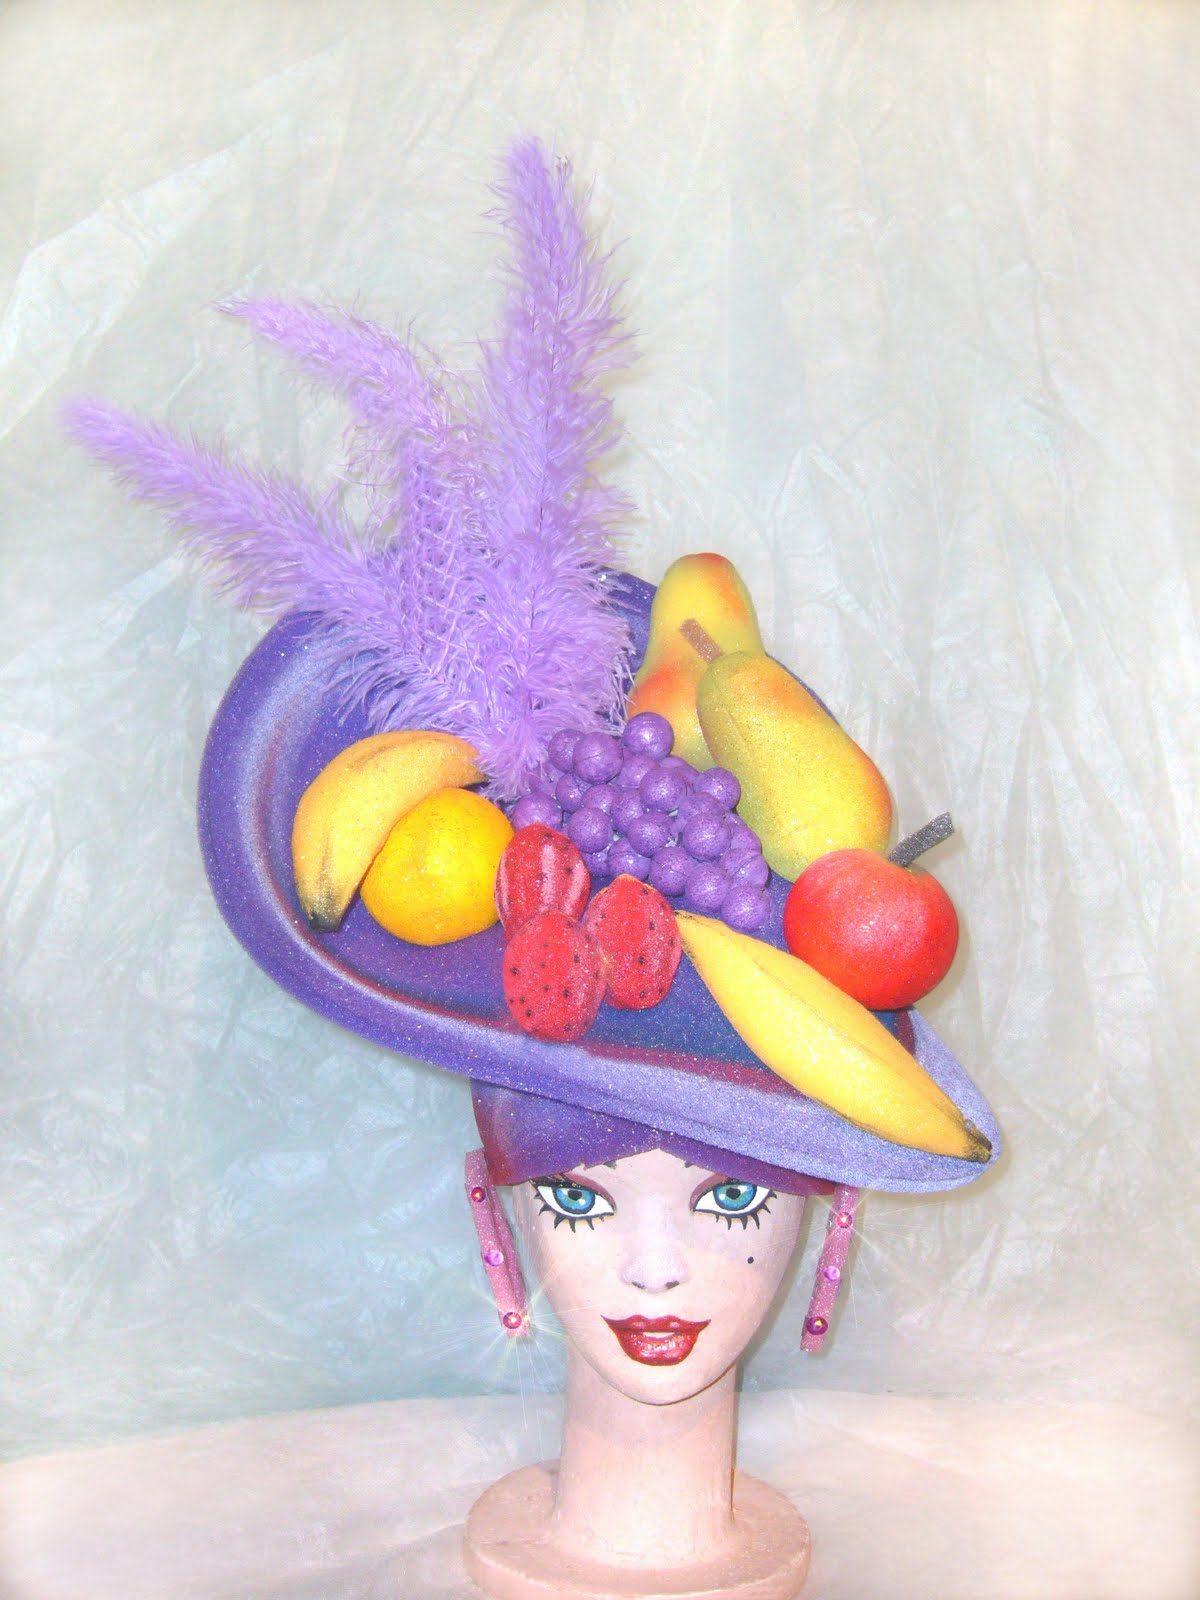 Gorro candombera violeta con frtutas y plumas flex retorcidas lilas. Gorros  candomberas con frutas 36cccdc30ac